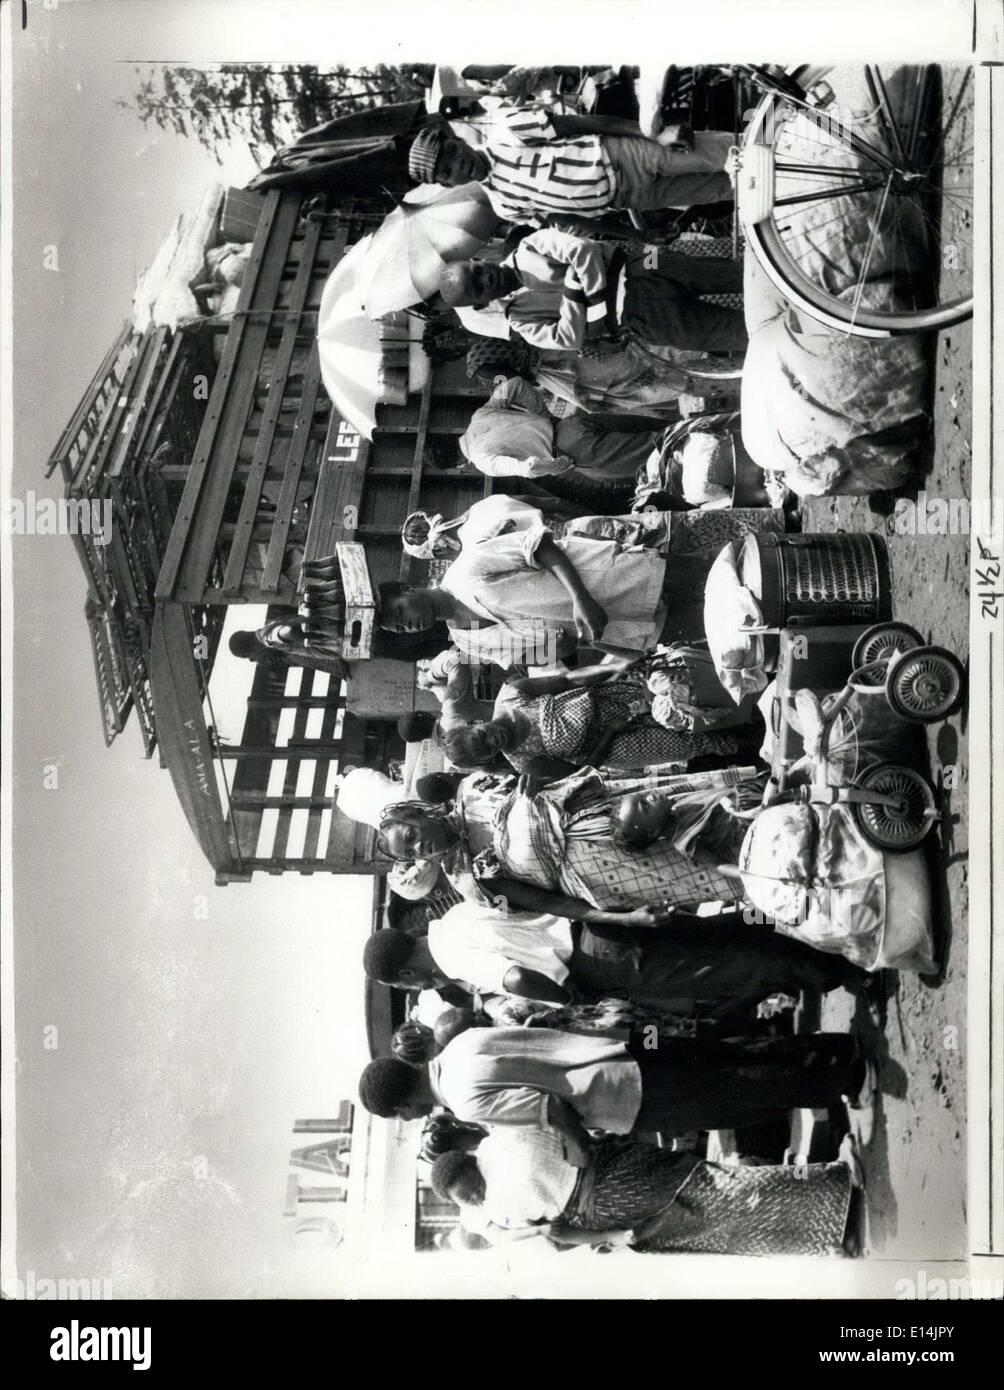 5. April 2012 - Stammes-Konflikte Uproote Nigerianer: Bild zeigt Nigerianer Verpackung ihr Gepäck und ihre Familien in Knochenarbeit Mammy-Waggons, die sie nehmen würden östlich von Lagos der Bundeshauptstadt zurück. Stockbild